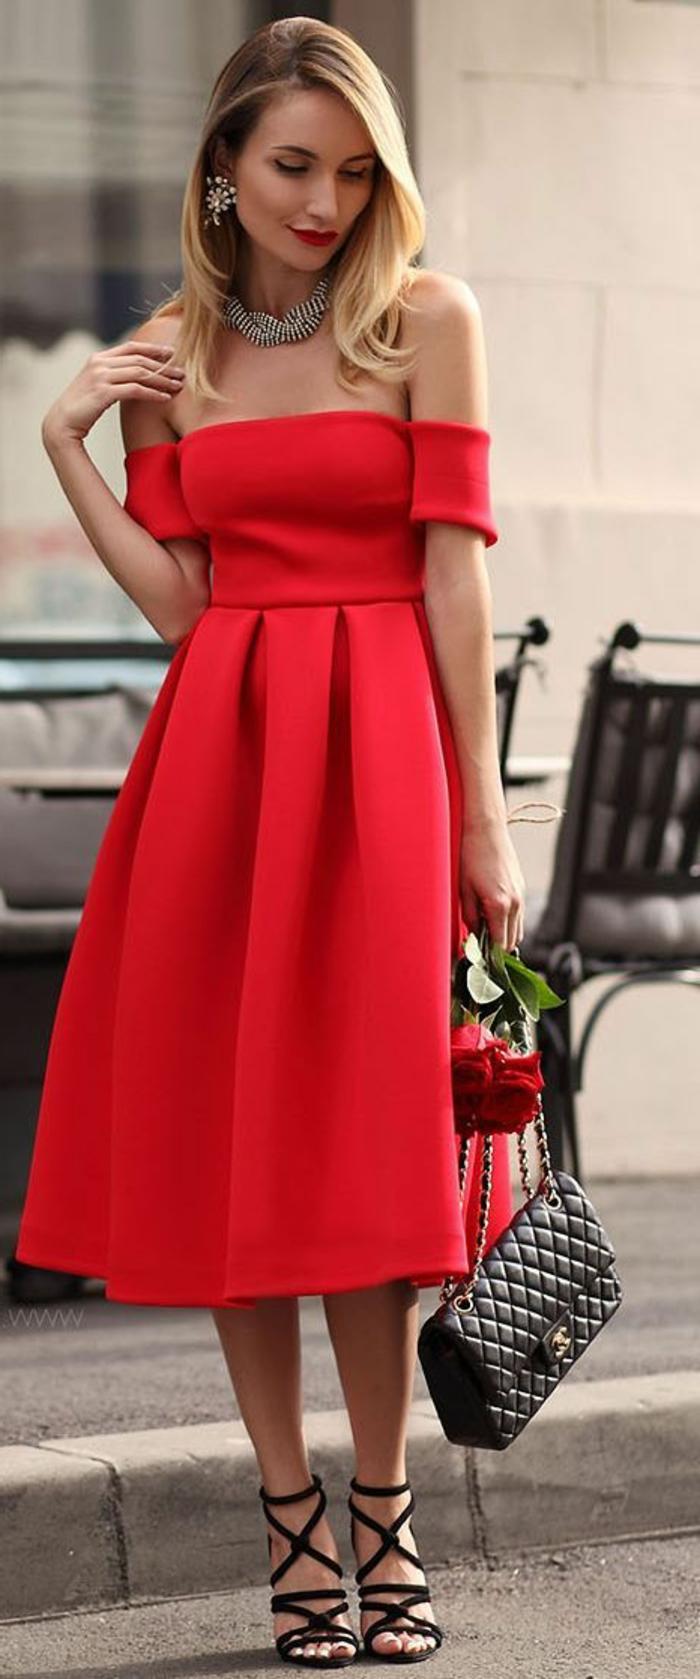 tenue chic robe en couleur corail aux épaules dénudées avec collier et boucles d'oreilles assorties